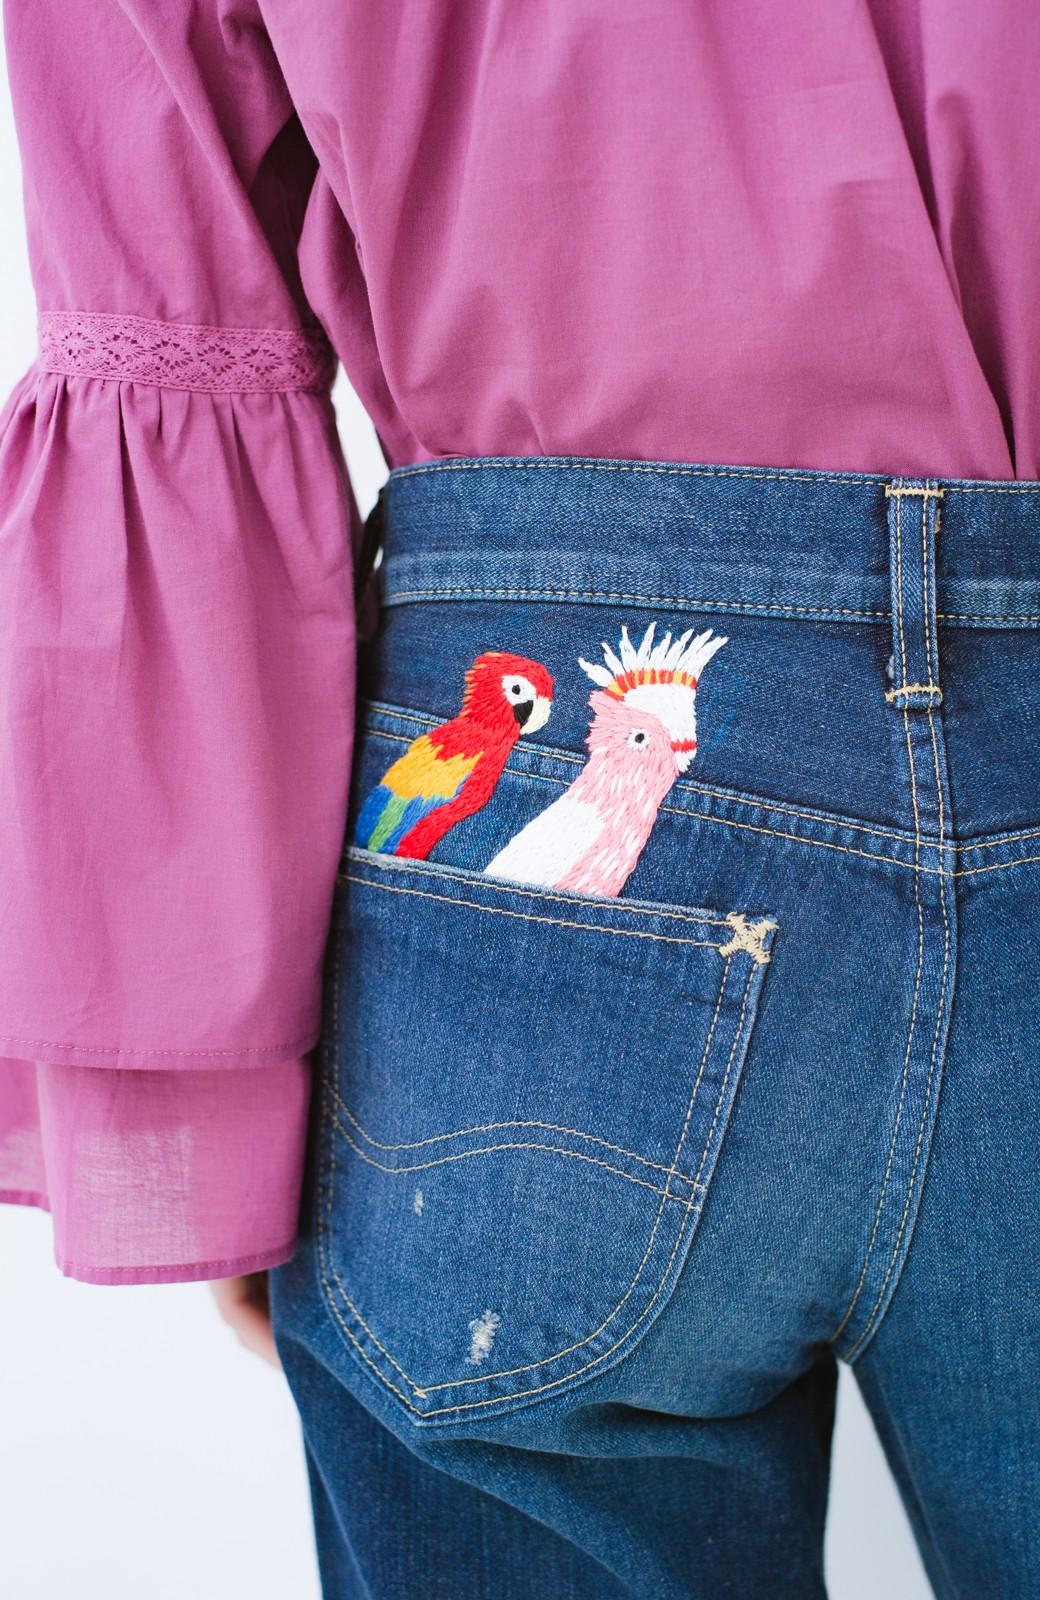 haco! Stitch by Stitch ポケットから大好きな鳥さんがこんにちは!Lee for PBP シルエットがきれいなデニムパンツ <インディゴブルー>の商品写真2